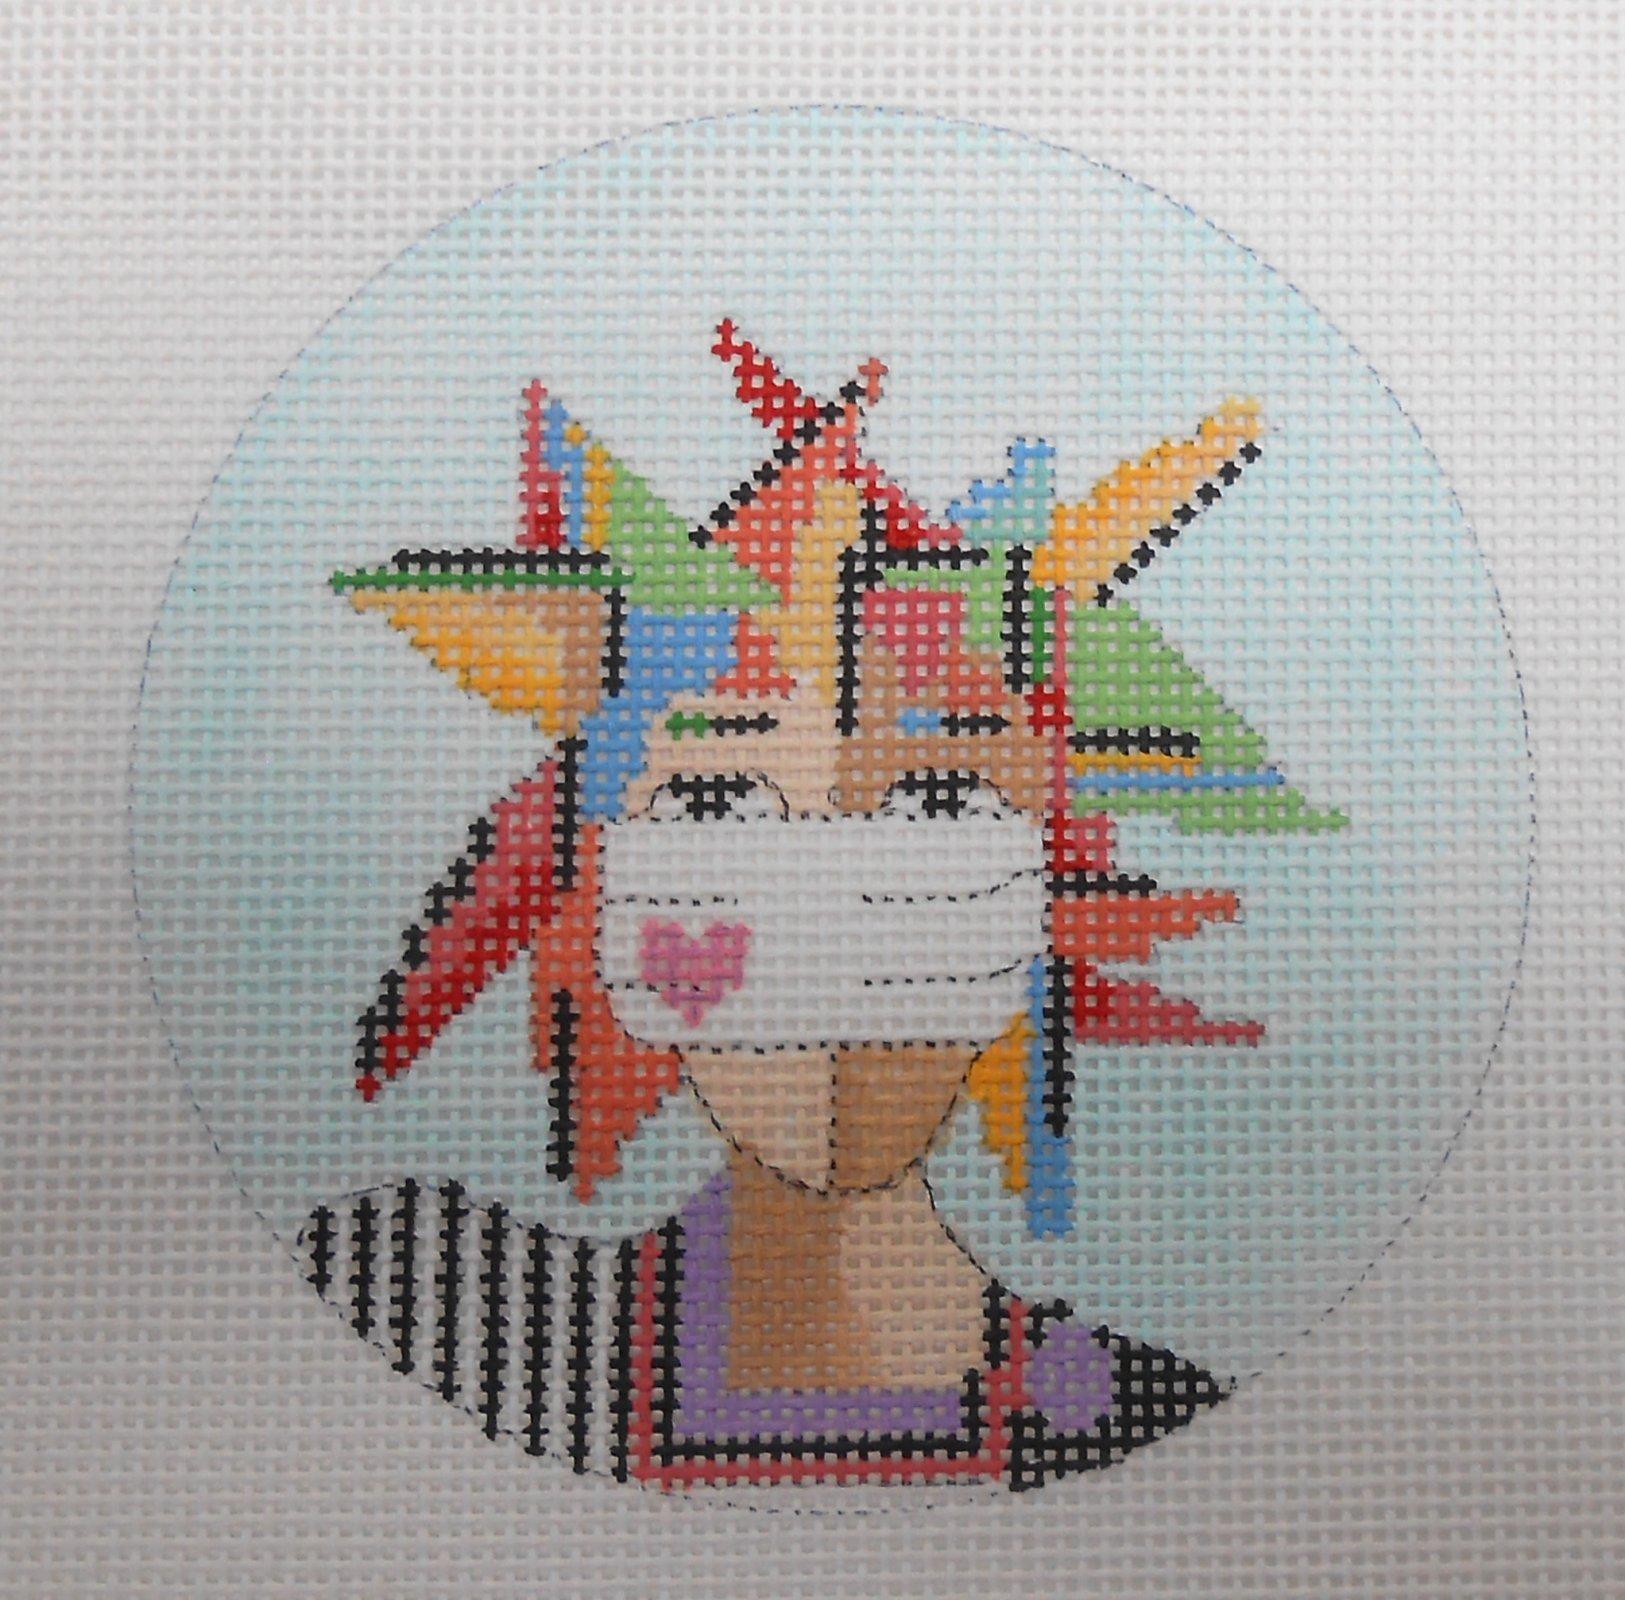 2020 style - geometric masked woman